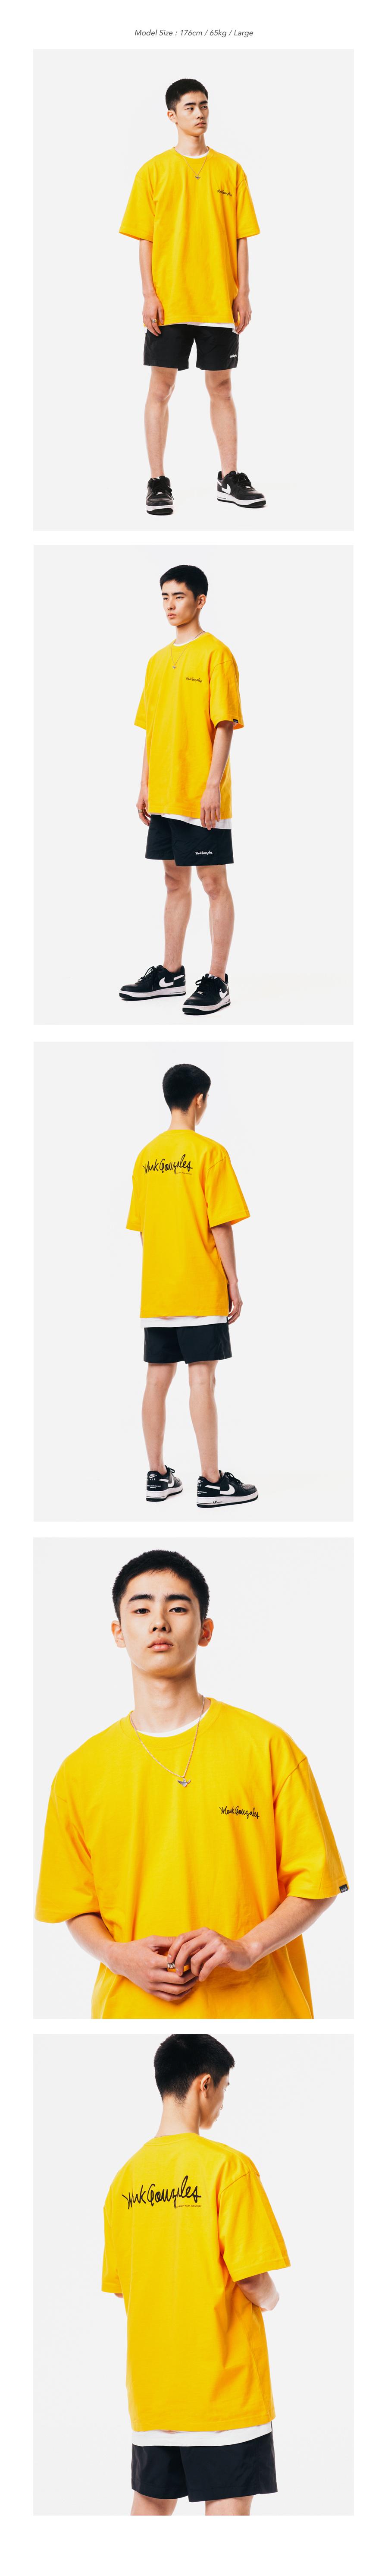 마크 곤잘레스(MARK GONZALES) M/G SMALL SIGN LOGO T-SHIRTS WHITE